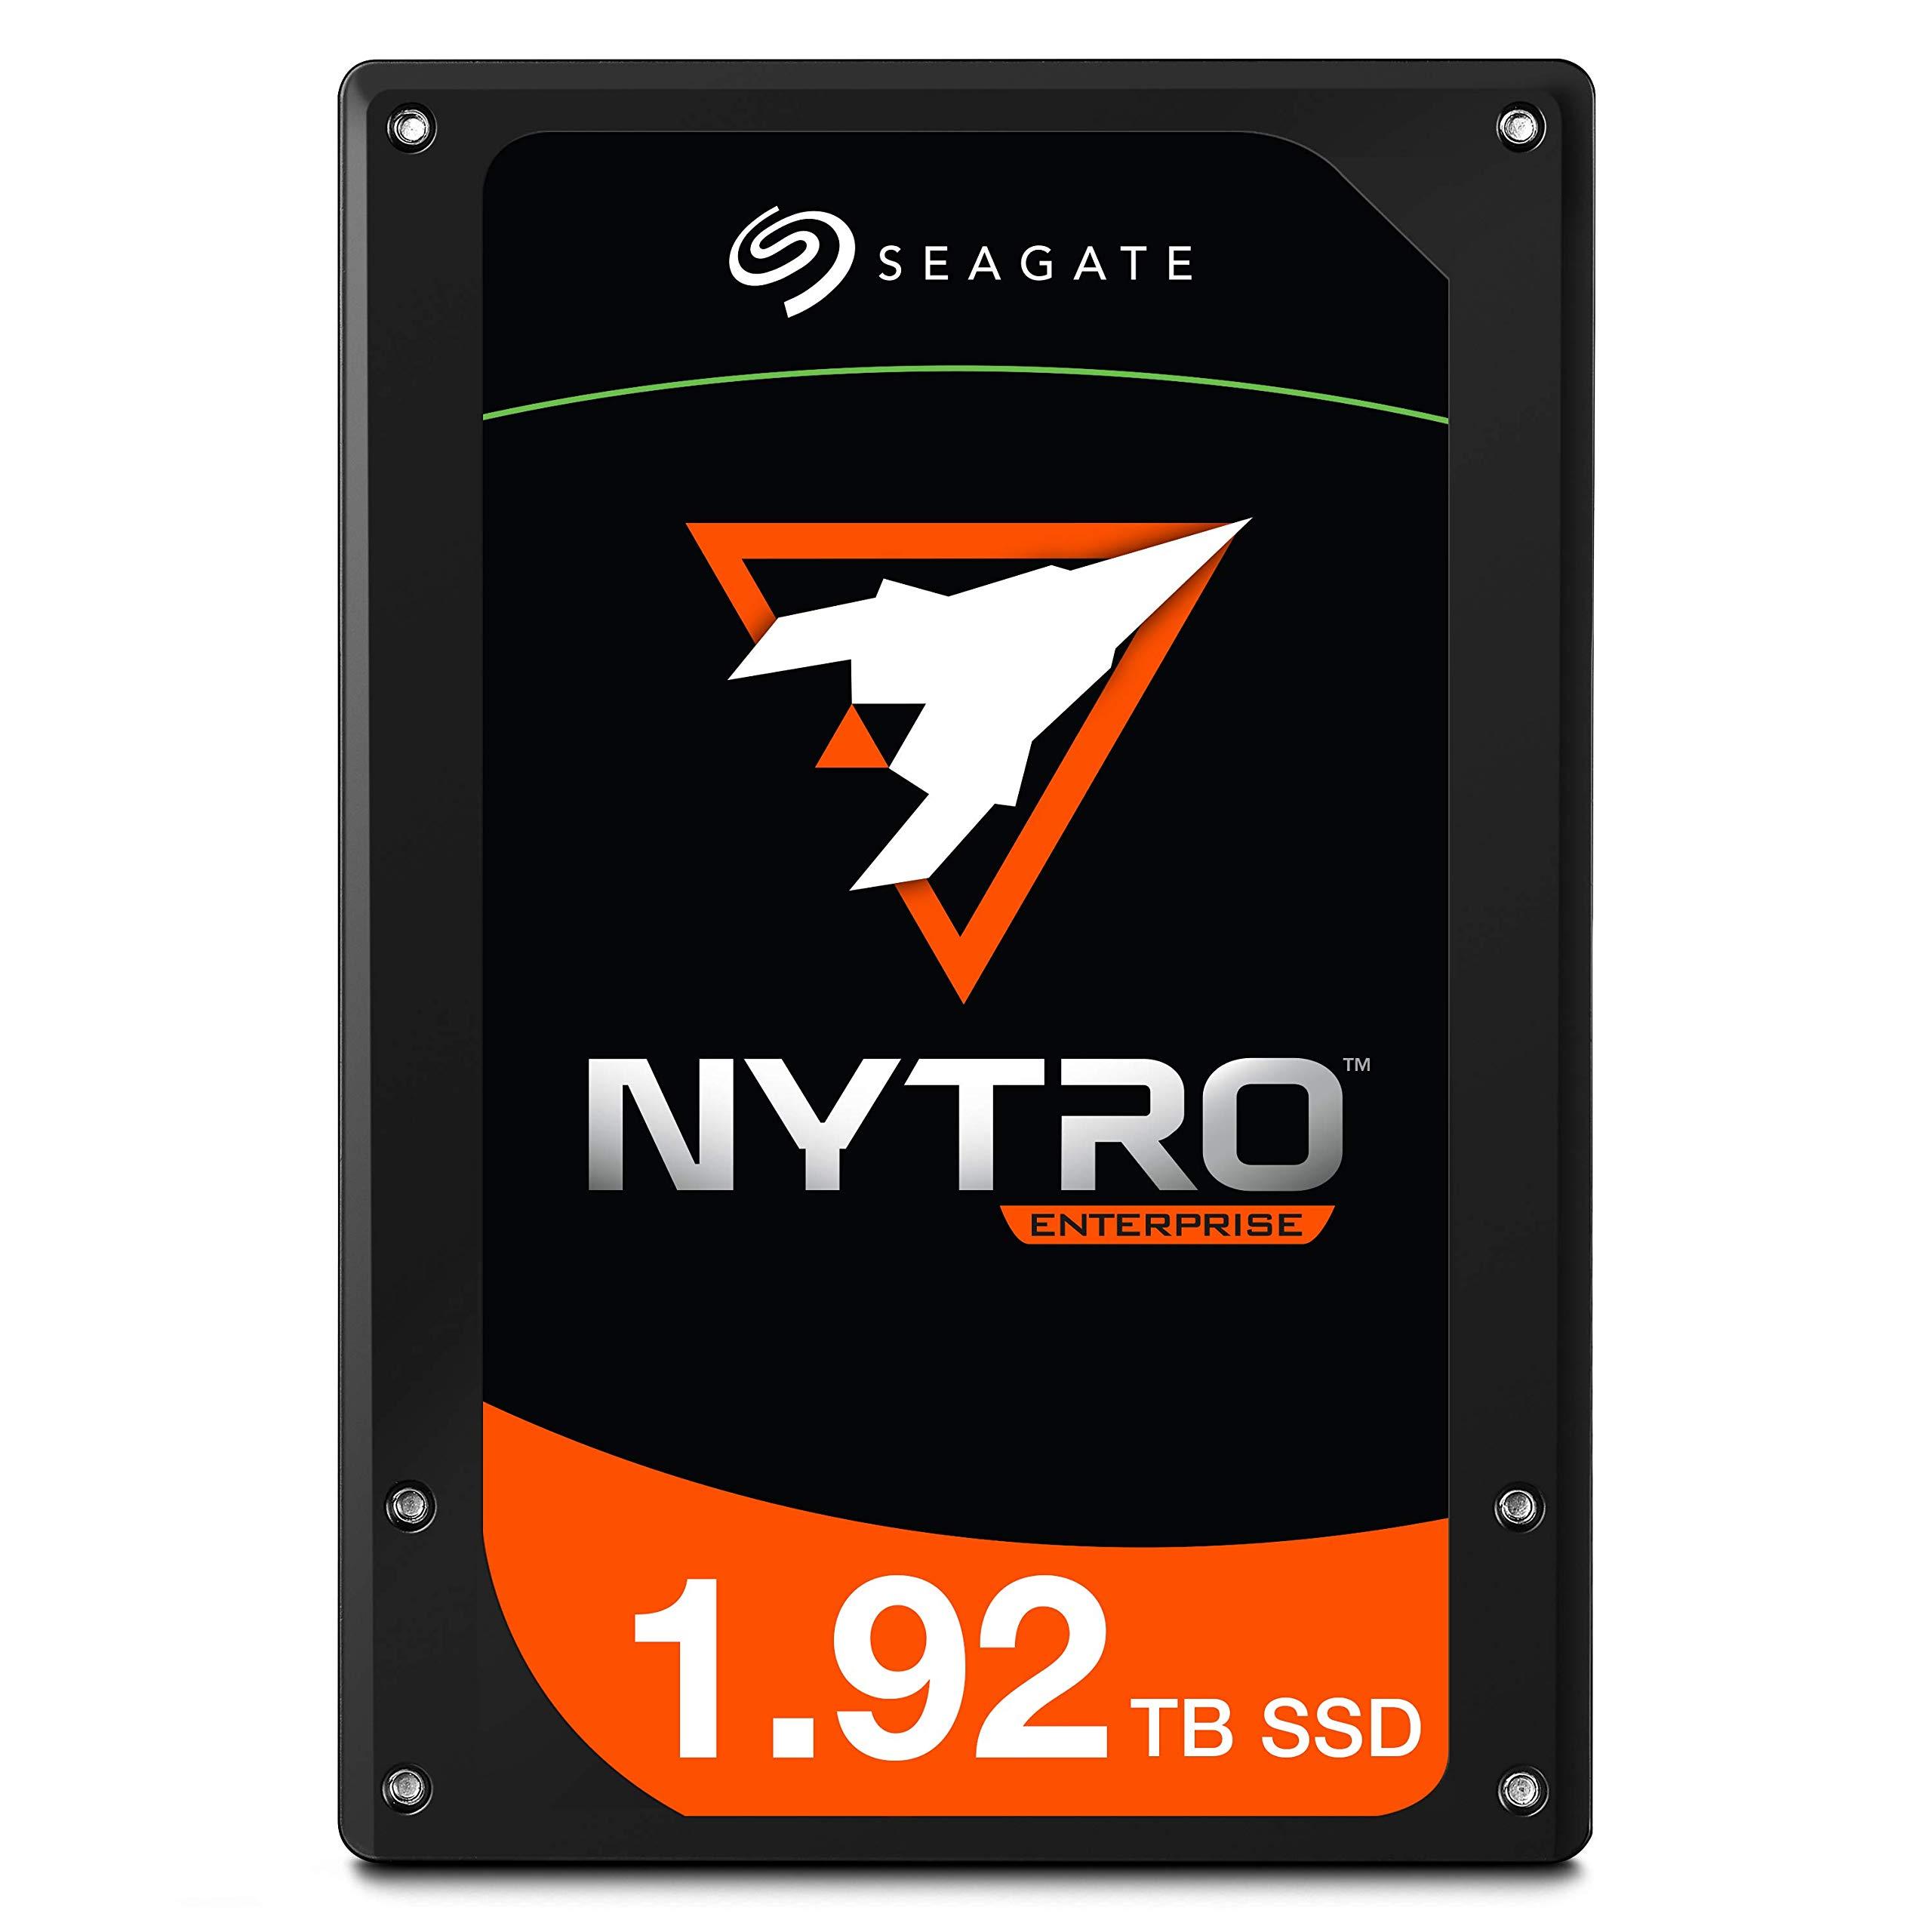 SSD 1.92TB SATA Seagate XA1920ME10063 Nytro 1000 1.92 Tb 2.5